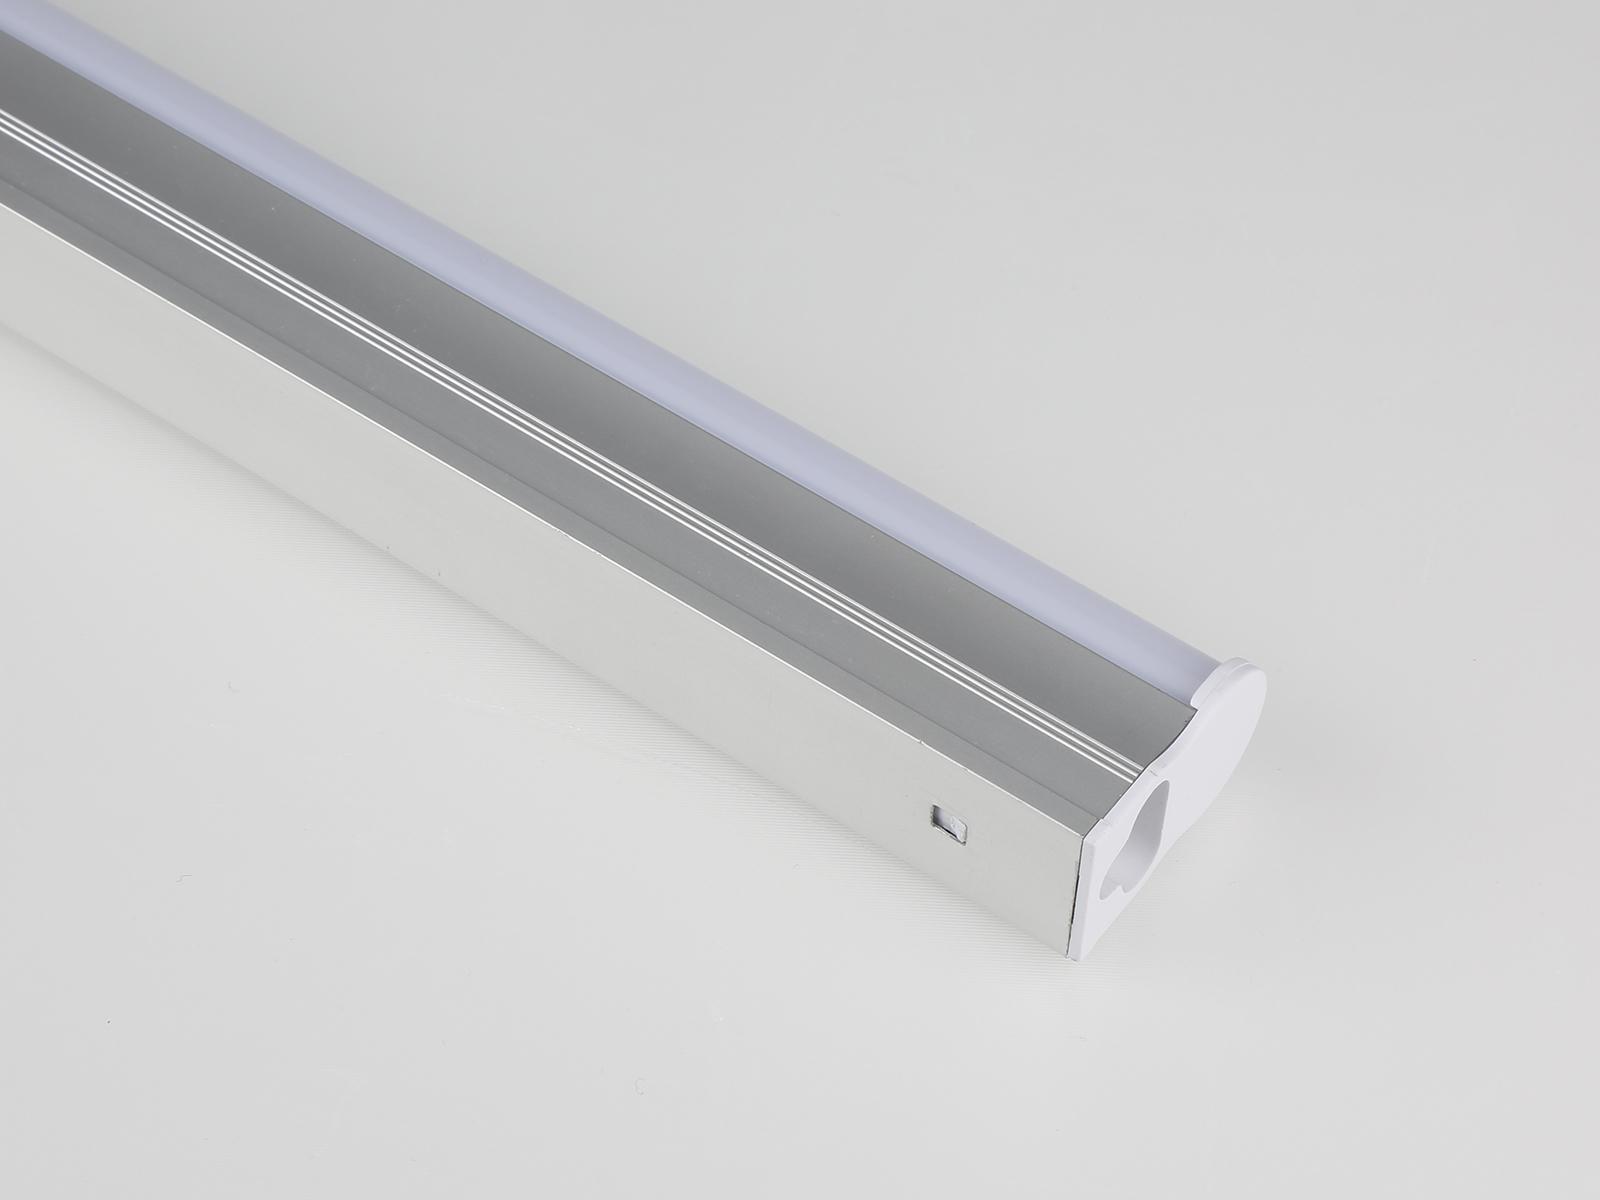 T5 D LED Tube Light UPSHINE Lighting